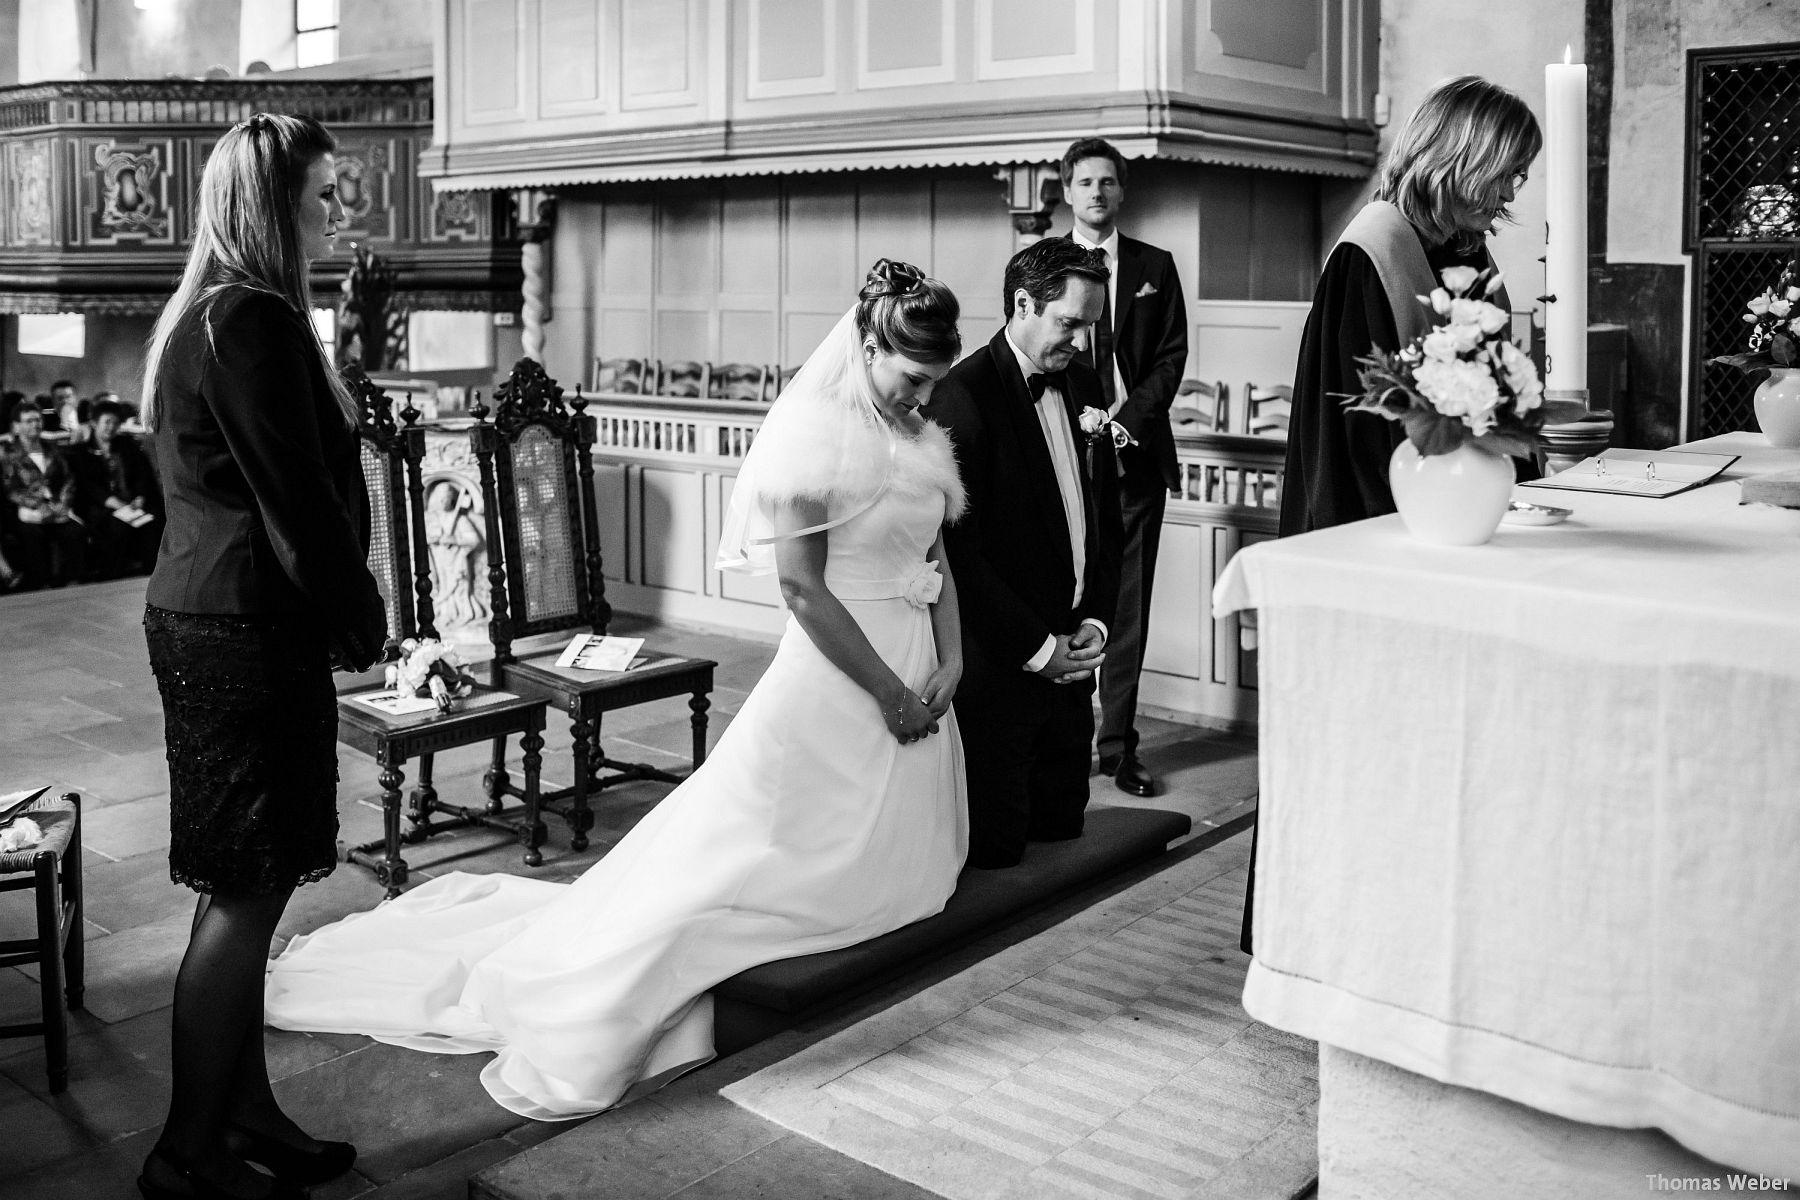 Hochzeitsfotograf Rastede: Kirchliche Trauung in der St. Ulrichs Kirche Rastede und Hochzeitsfeier in der Eventscheune St Georg Rastede mit dem Catering von Split Food (Michael Niebuhr) aus Oldenburg (29)